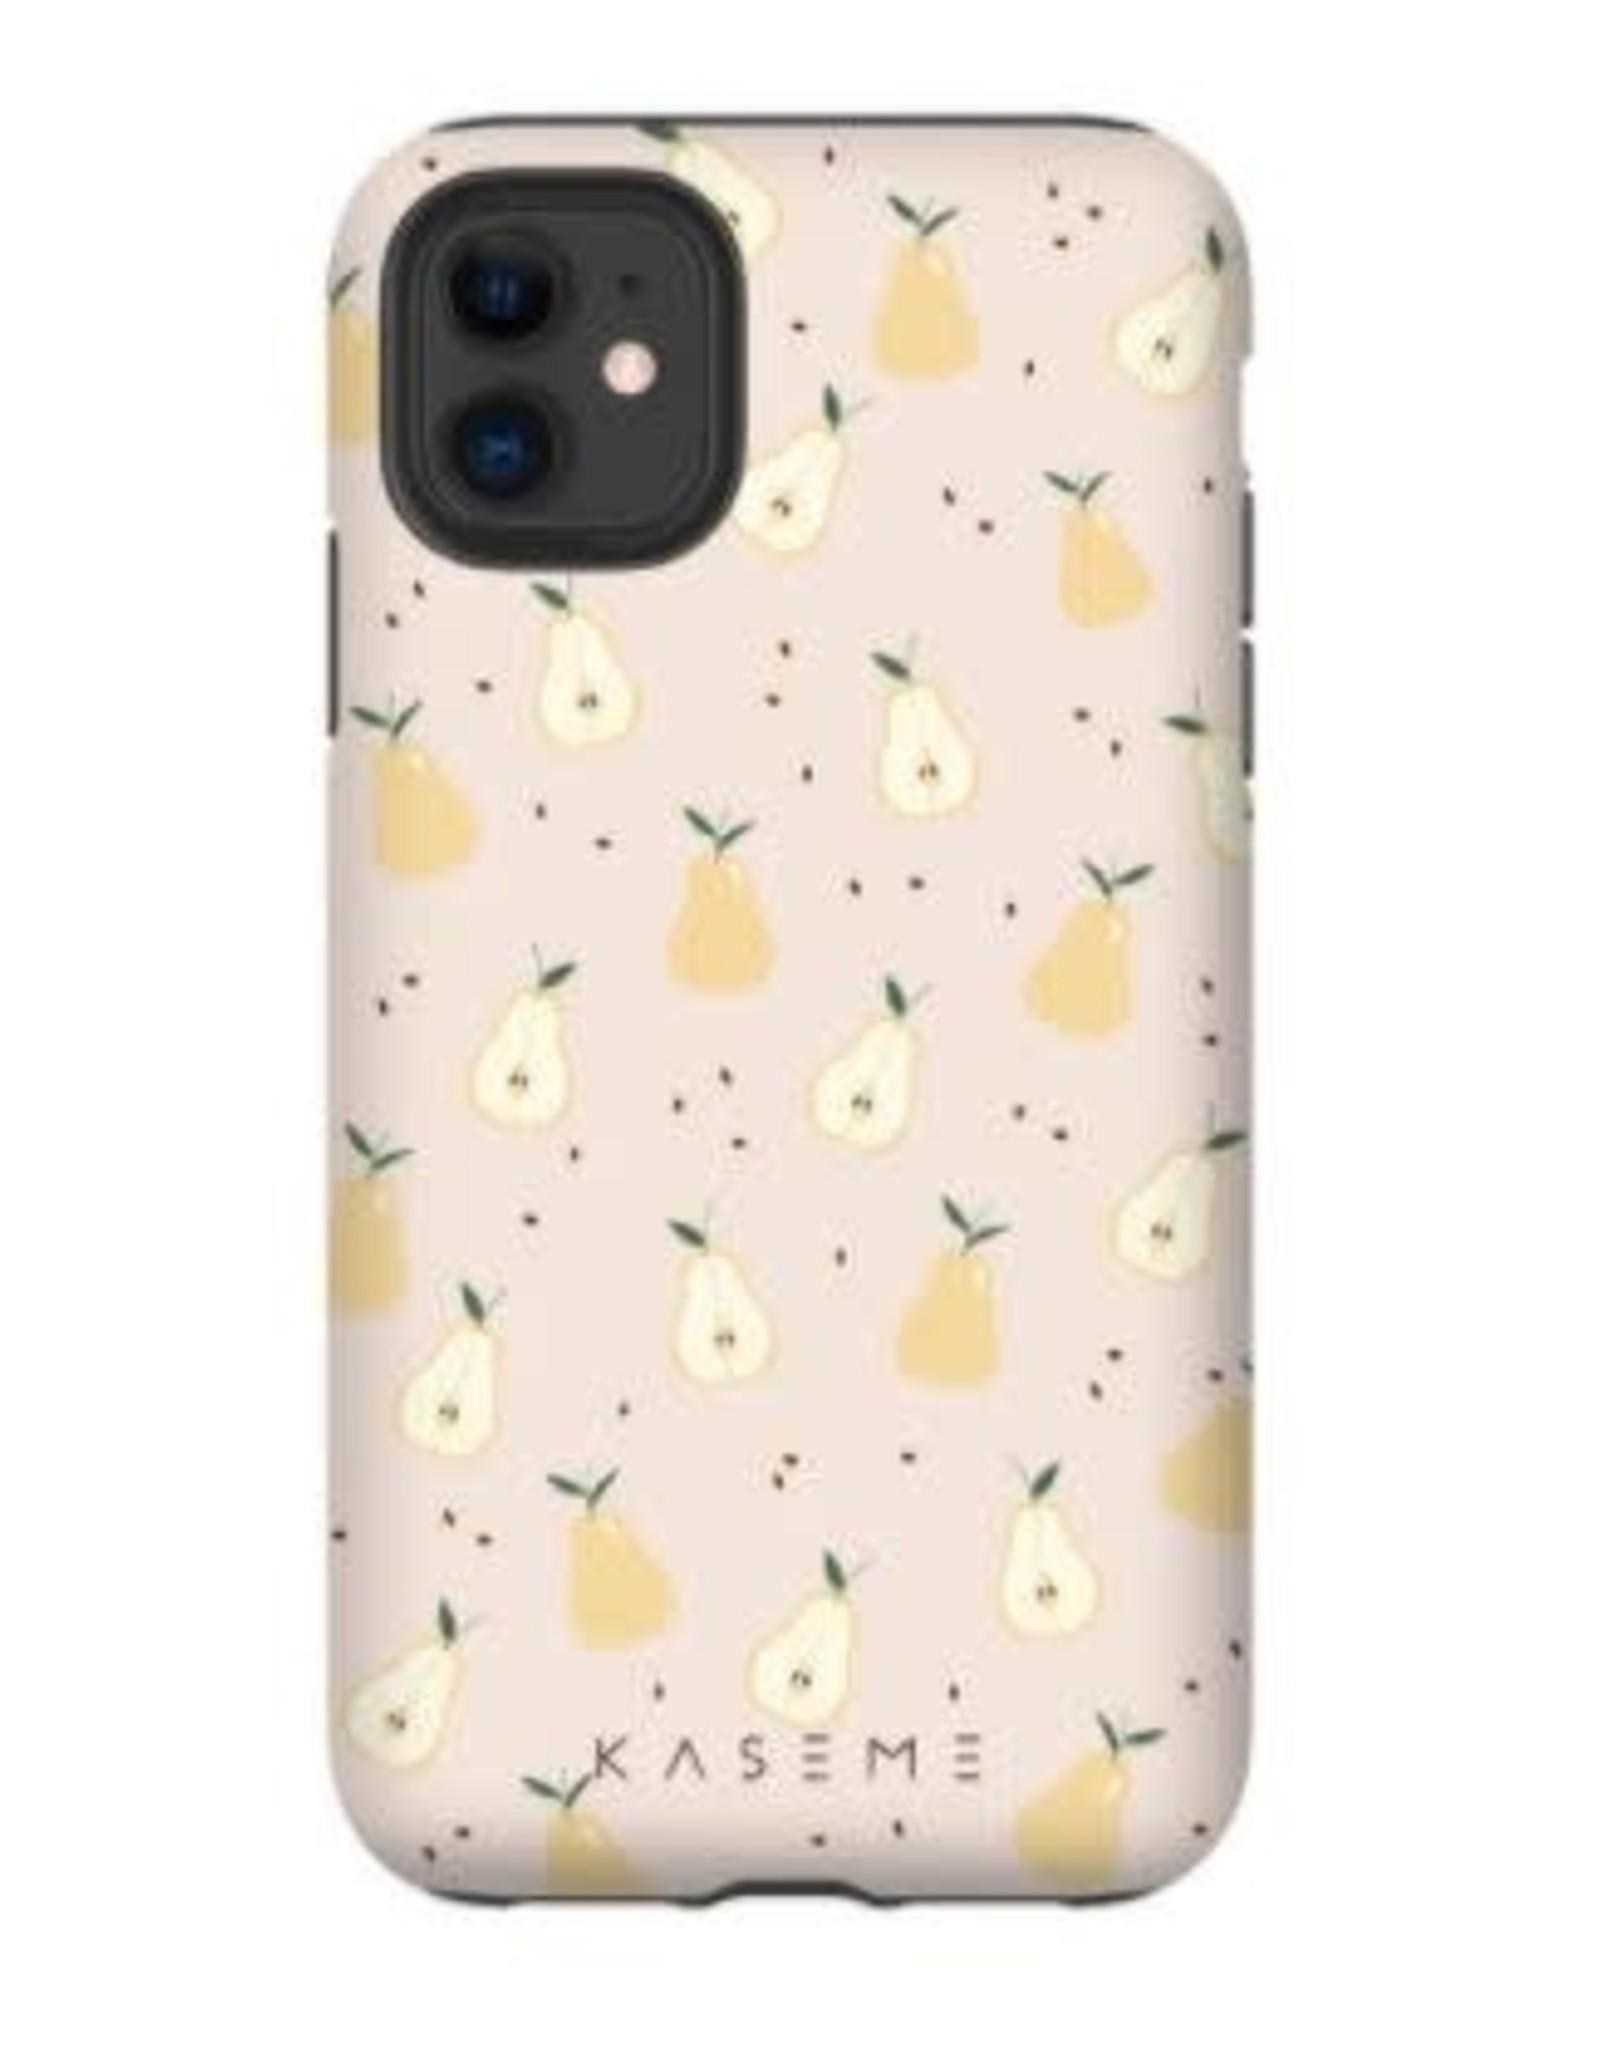 Kaseme Kaseme - Étui cellulaire IPhone pearl